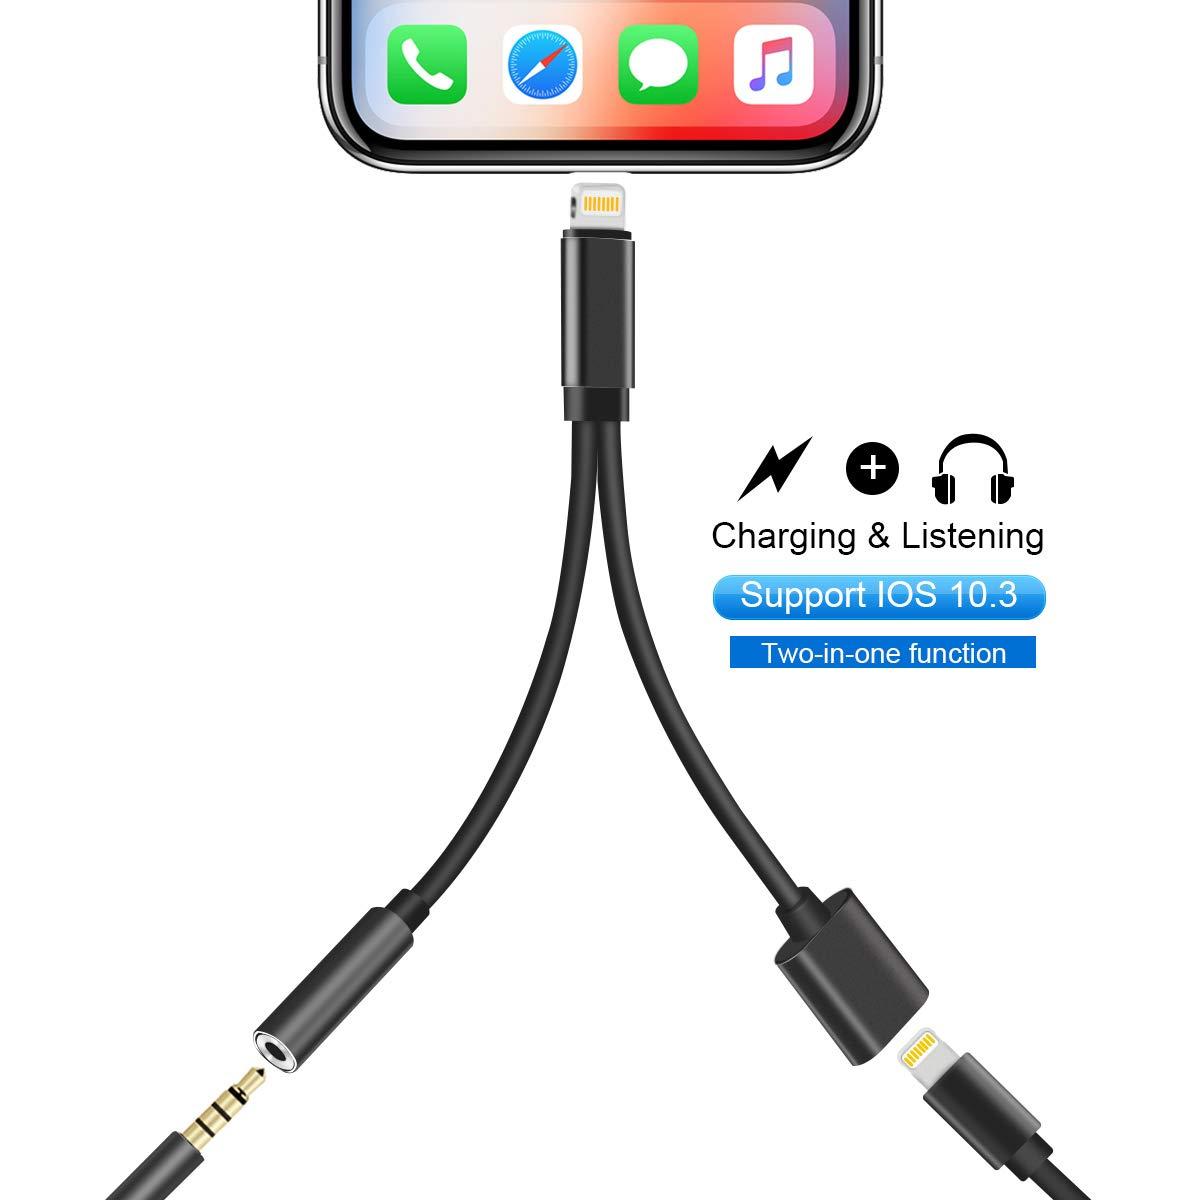 Amazon.com: KPAO - Cargador adaptador para teléfono móvil 2 ...